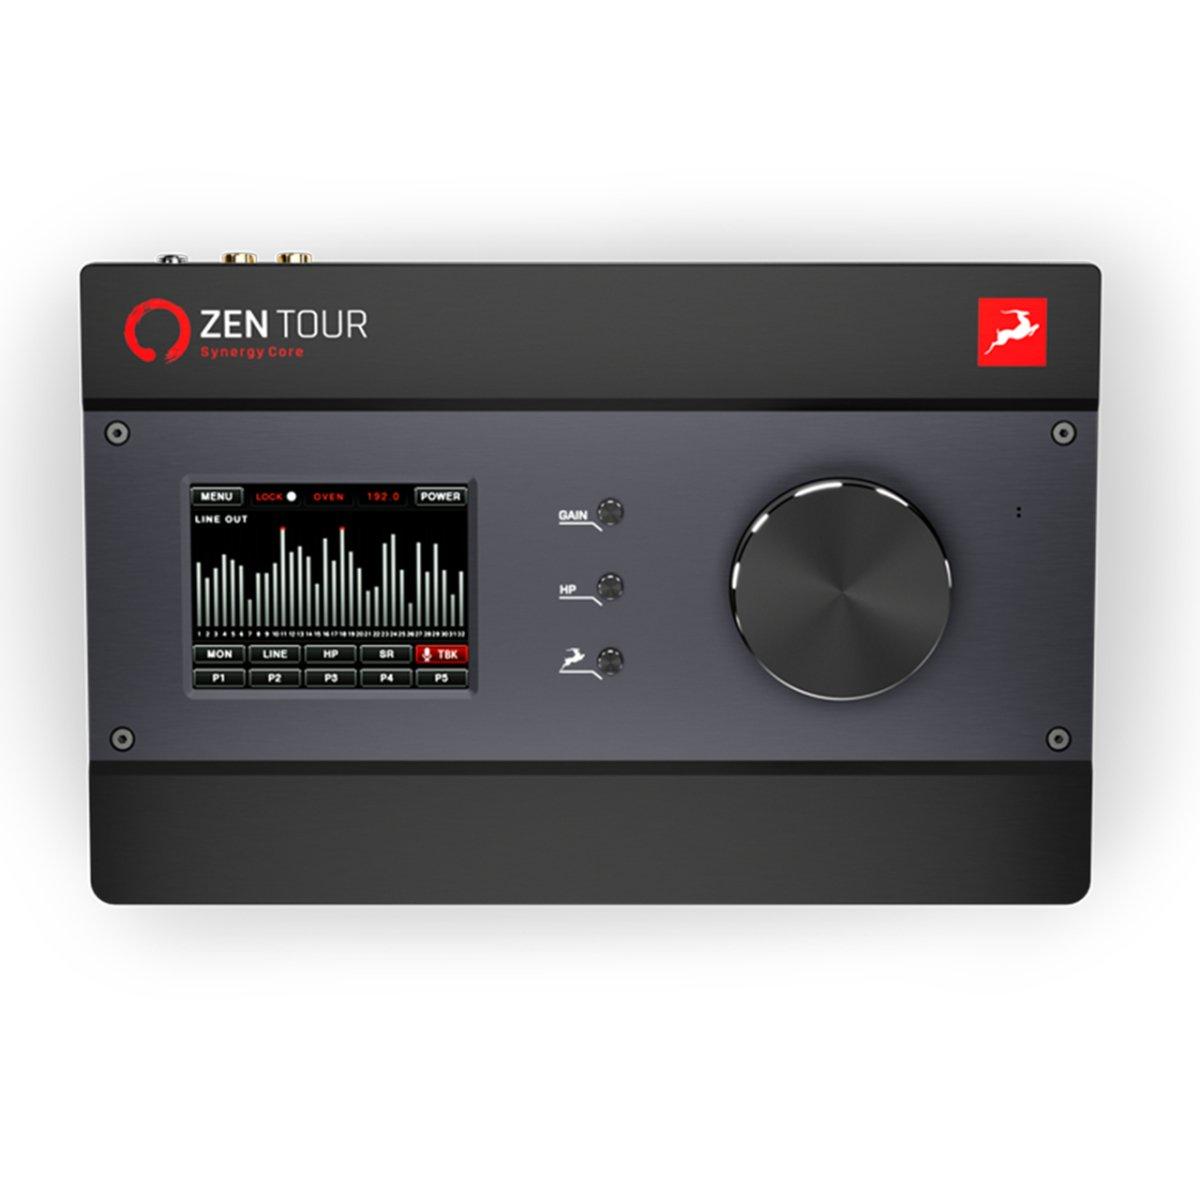 【新キャンペーンスタート! 近日中に到着! ハイパーDA/AD搭載】Zen Tour Synergy Core